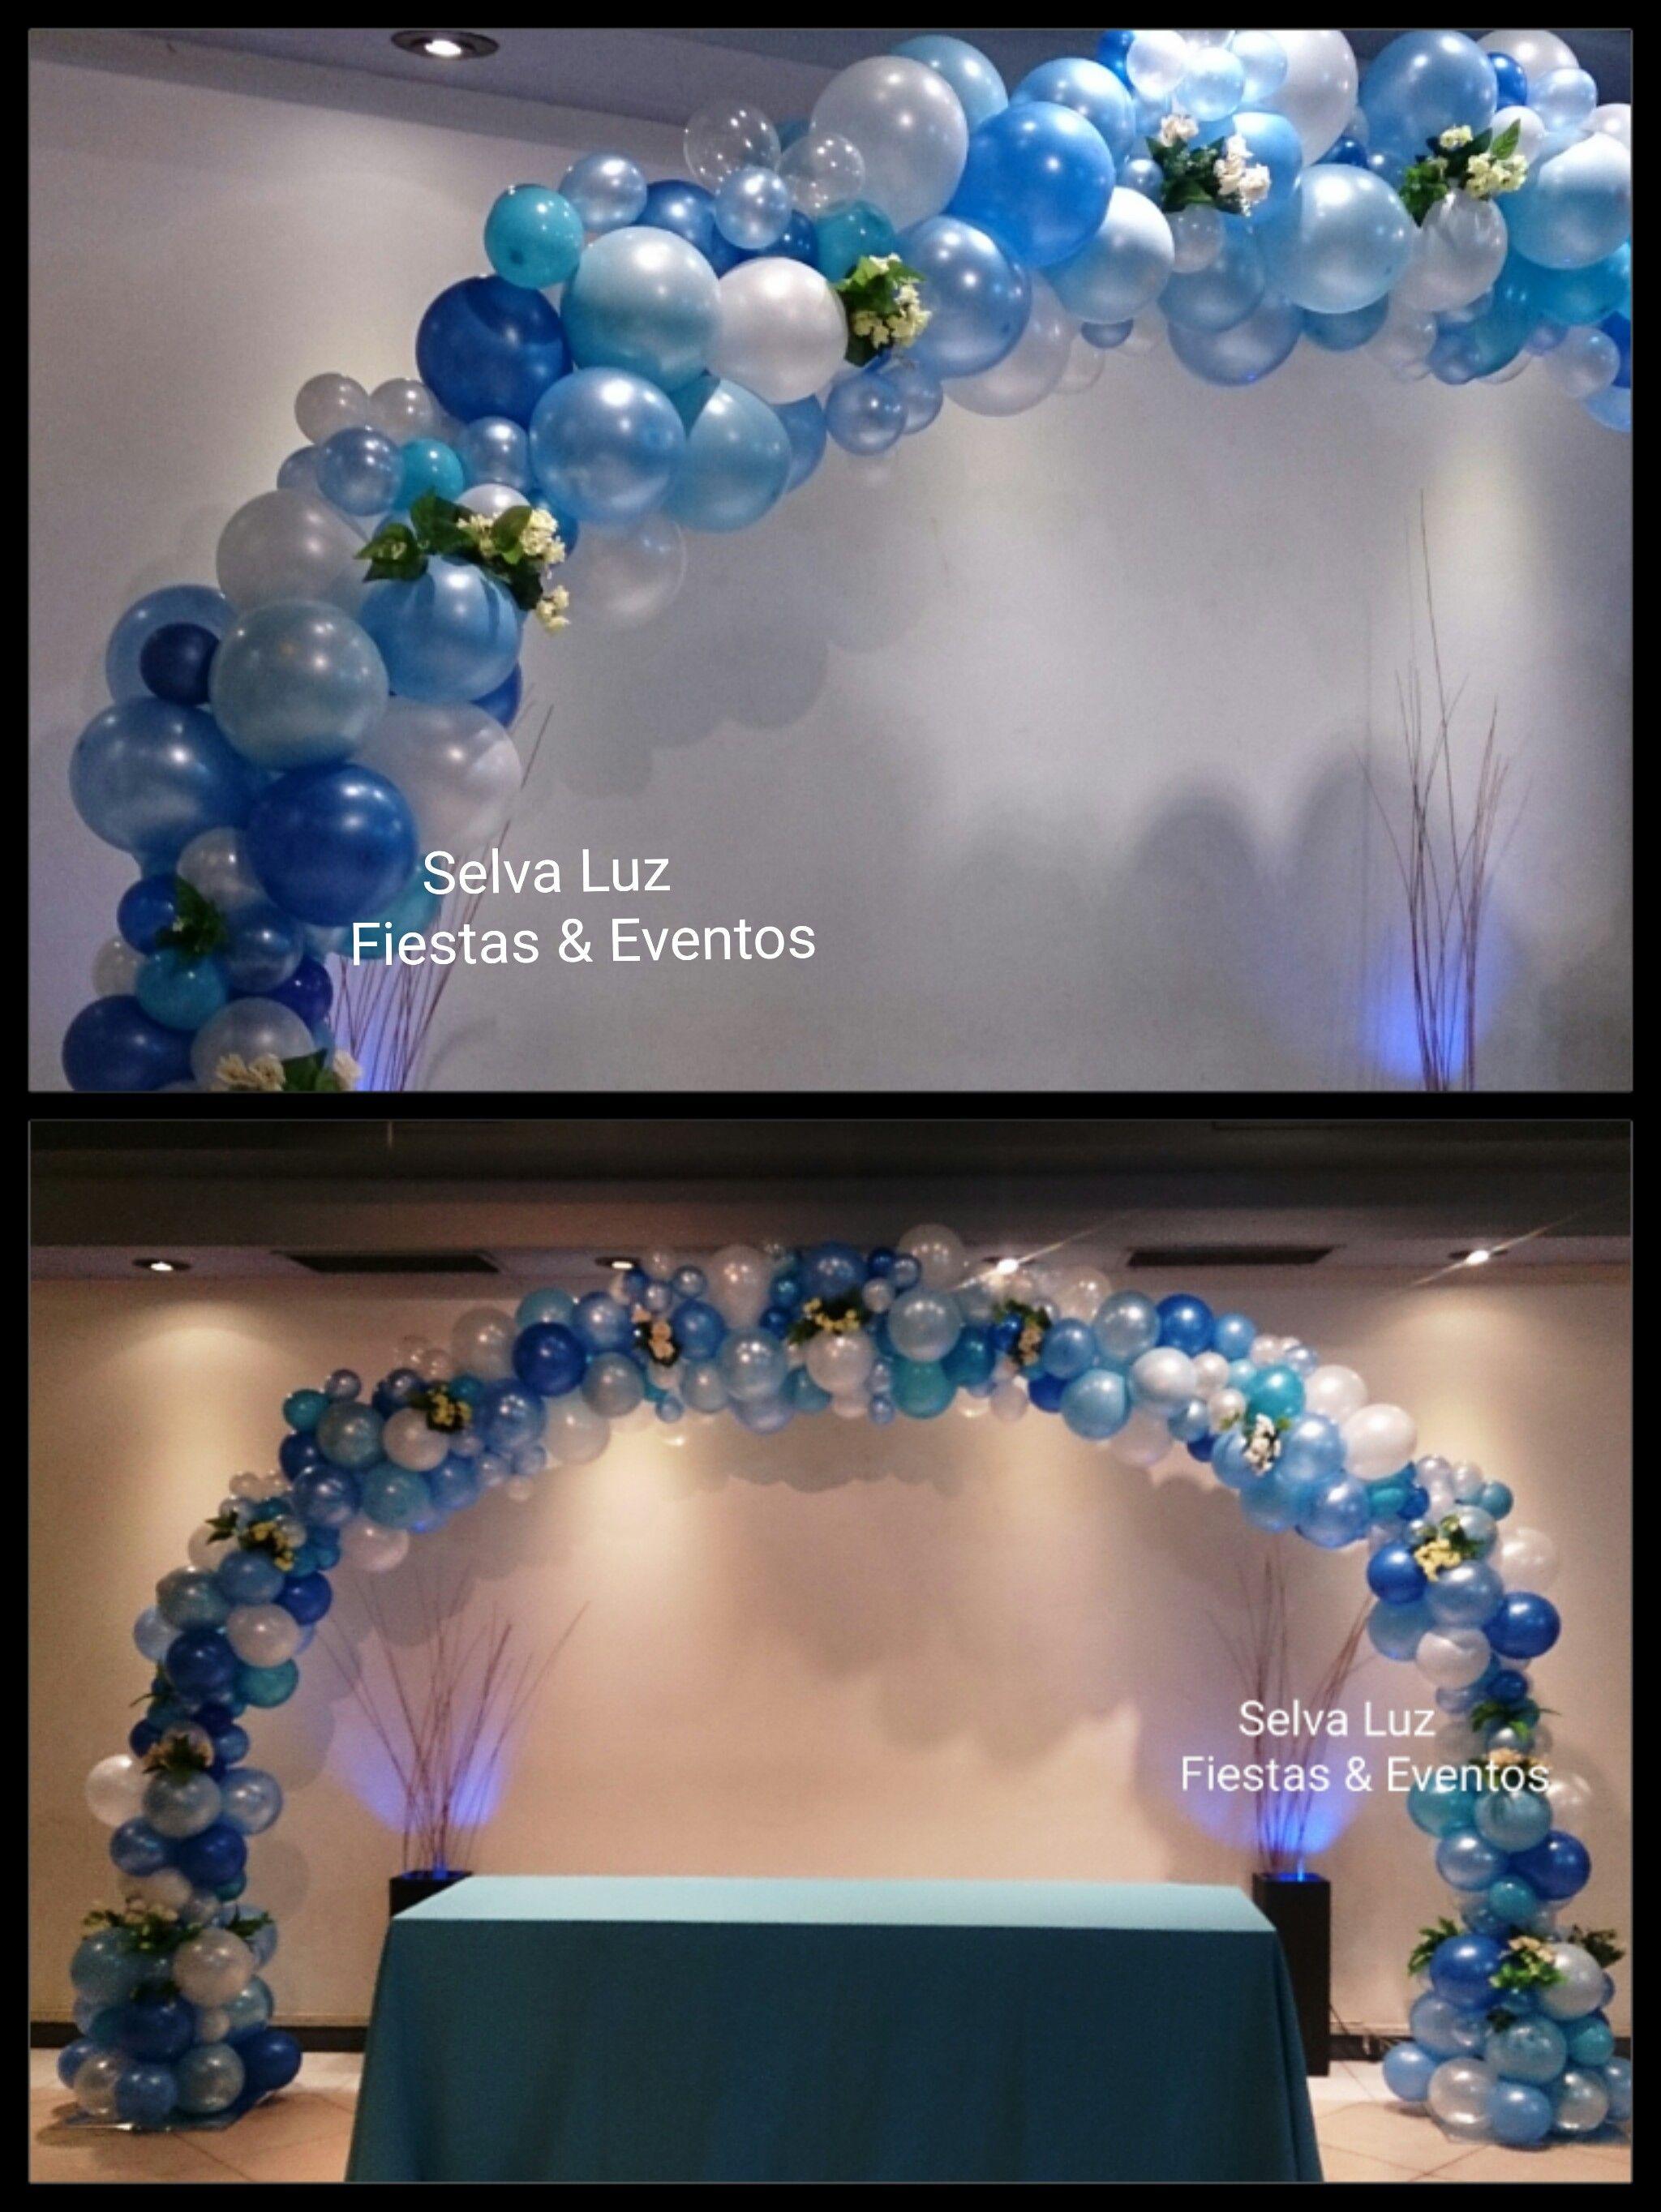 Selva Luz decoración con globos. (selvaluzglobos) on Pinterest